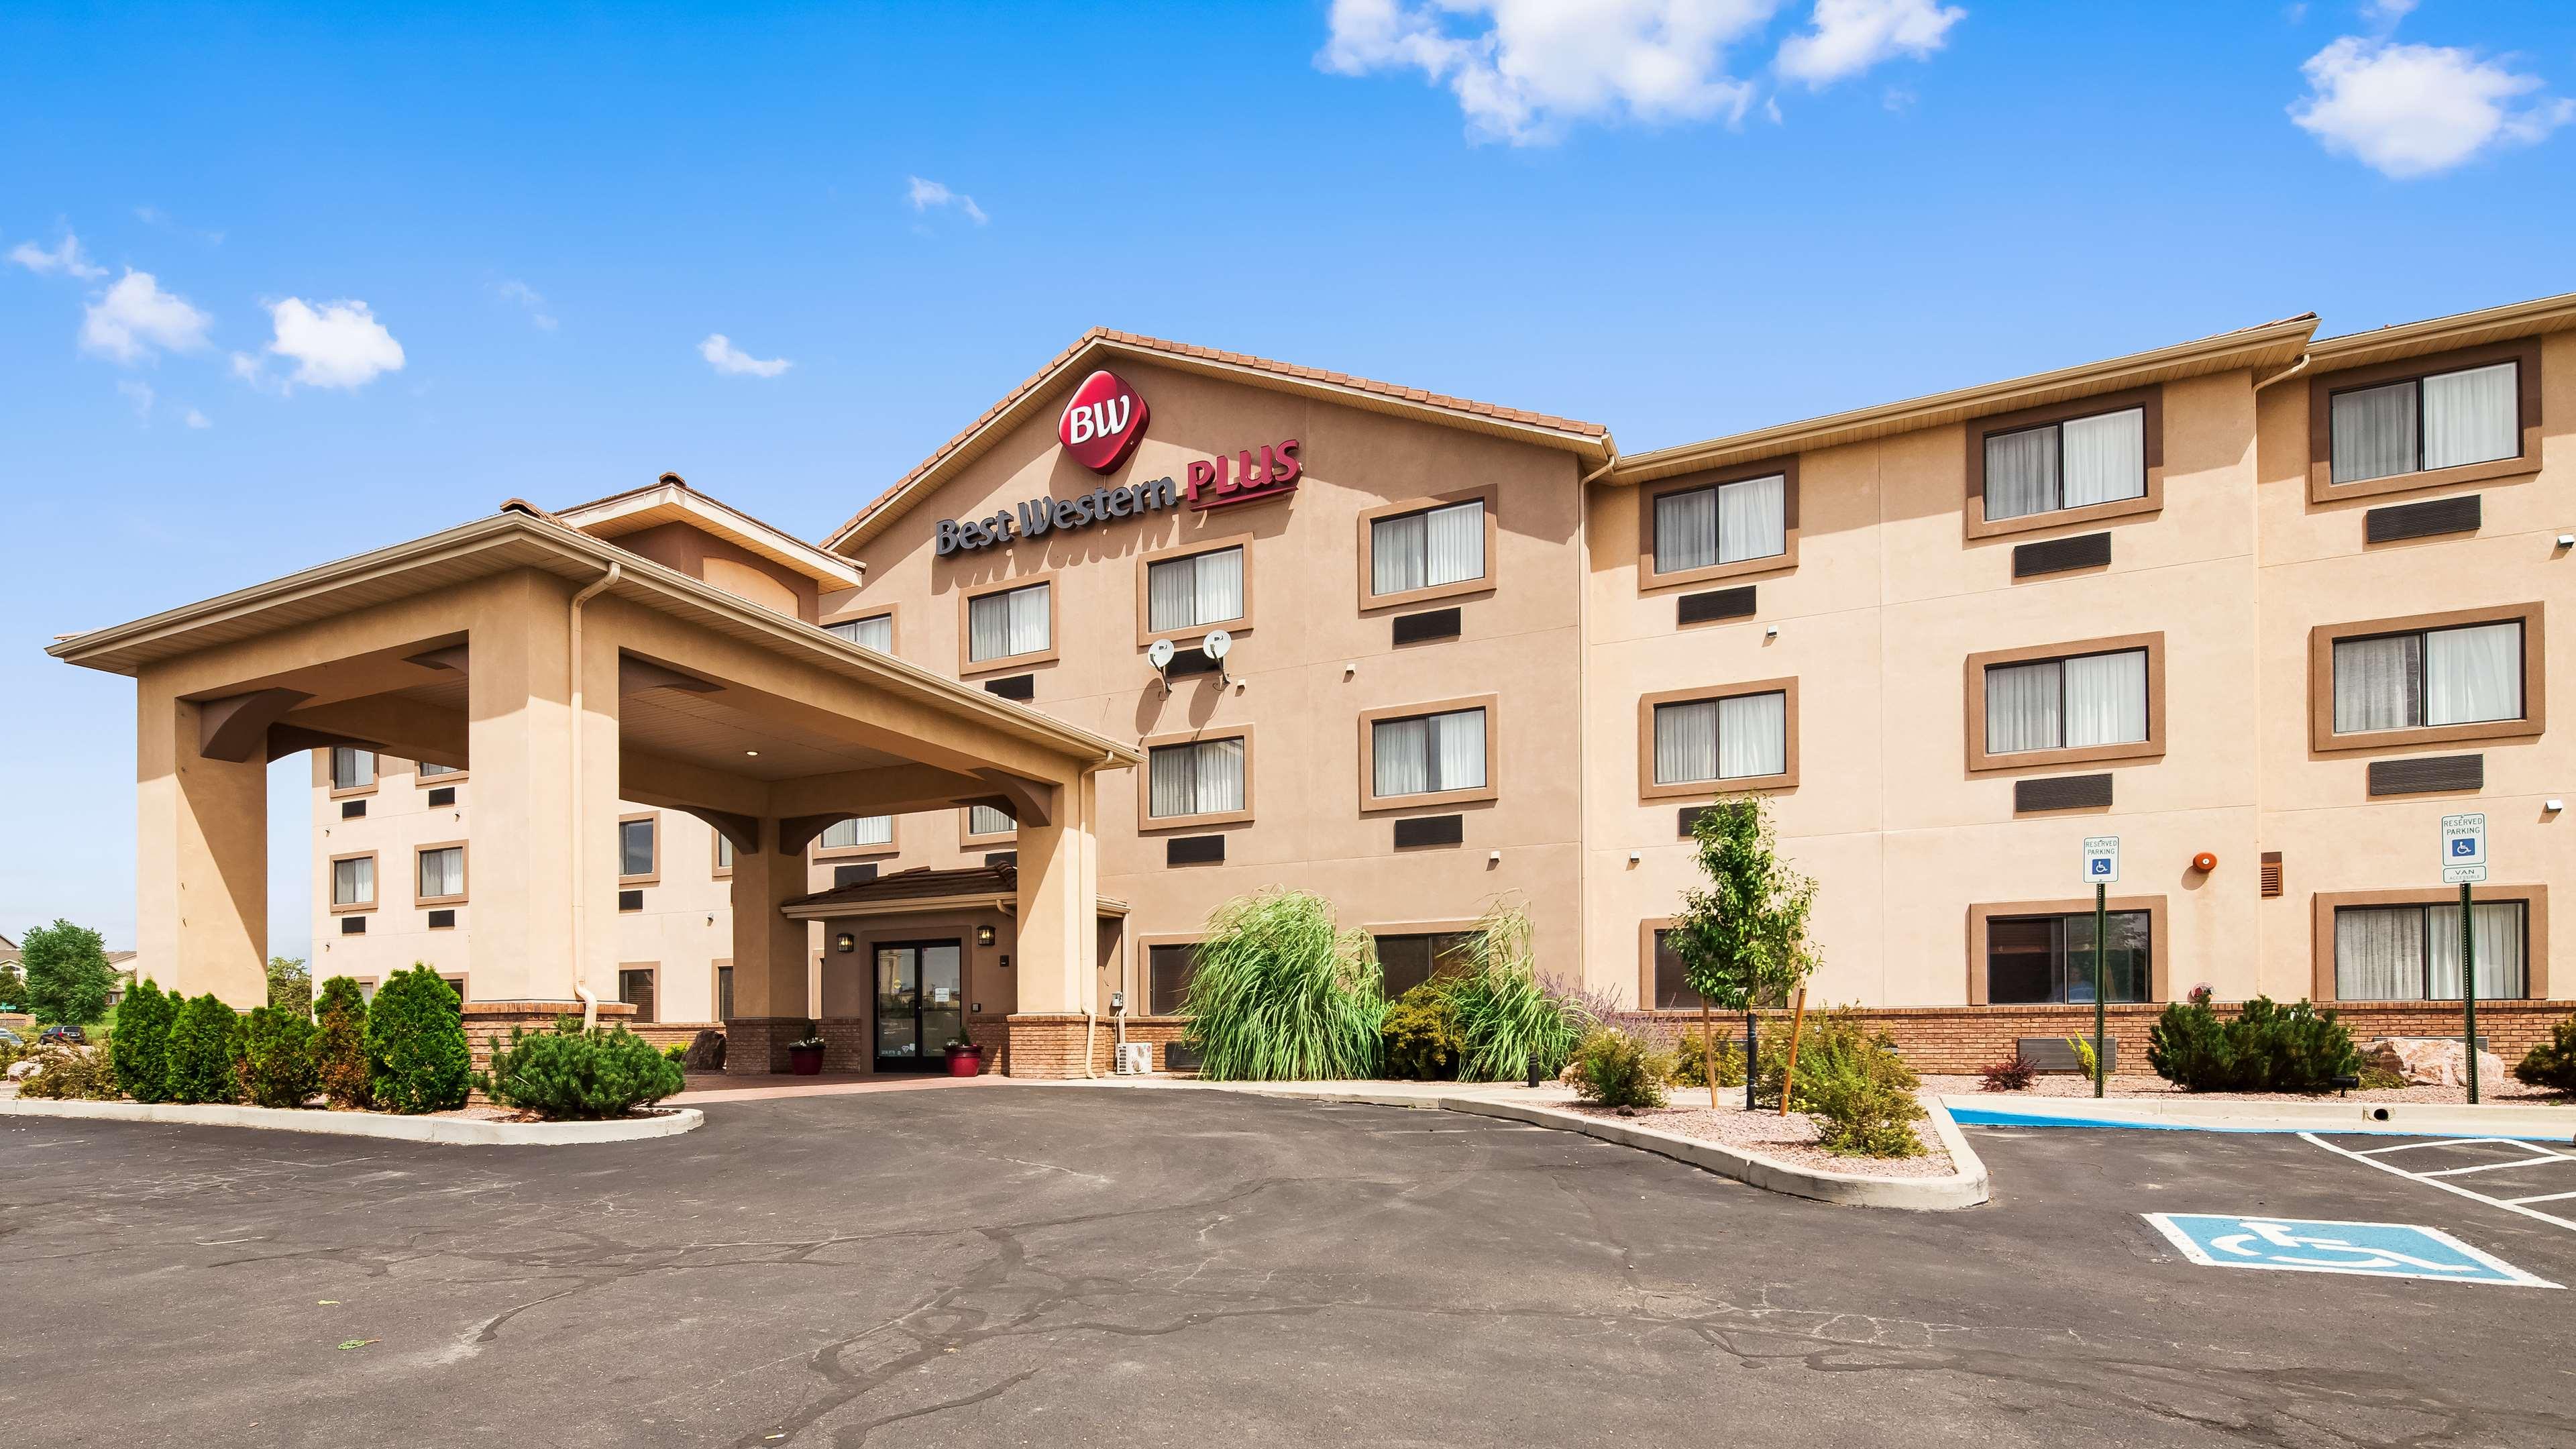 Best Western Plus Eagleridge Inn & Suites image 0